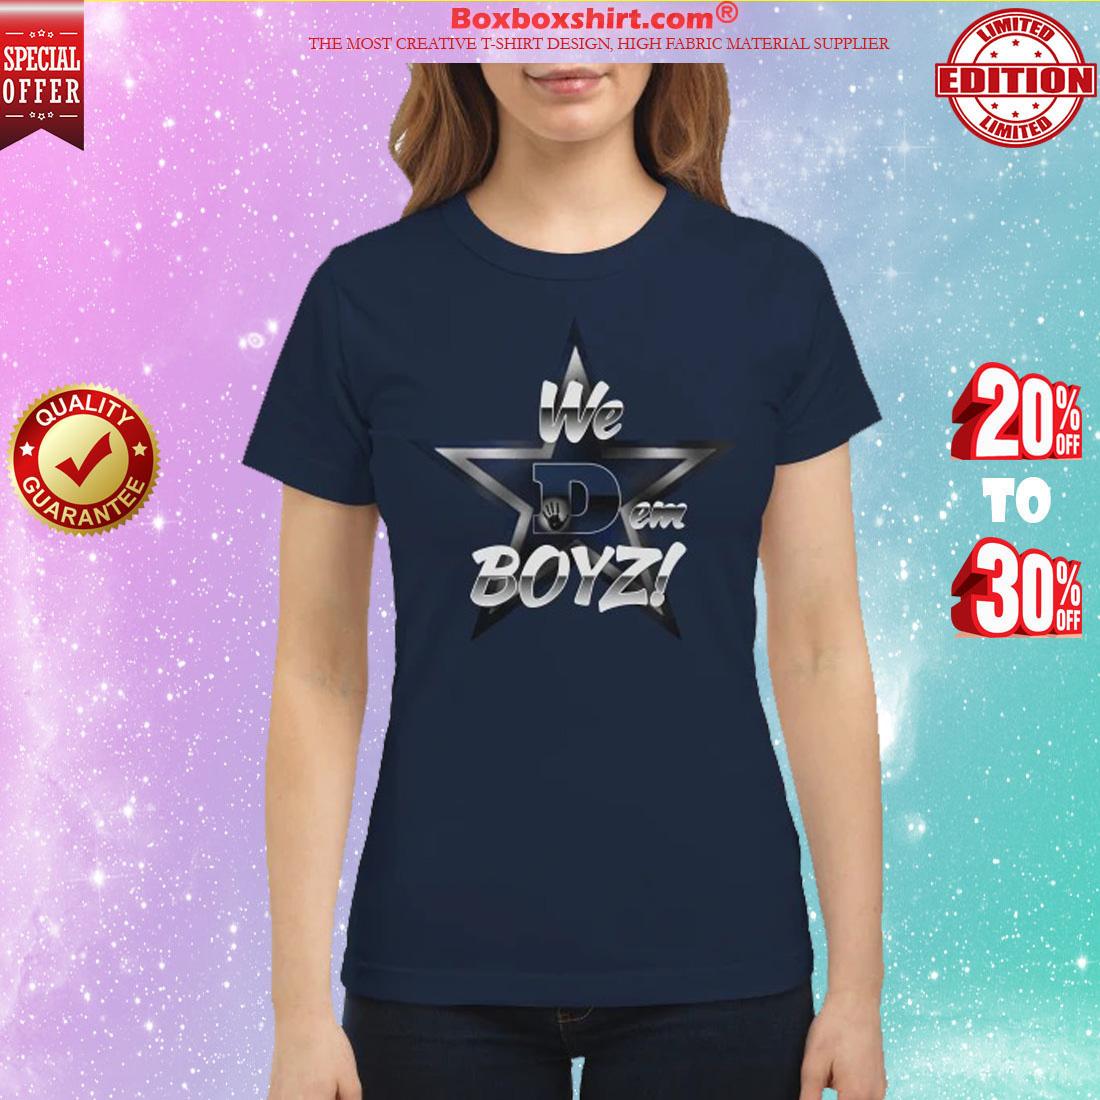 Dallas Cowboys we dem boyz classic shirt